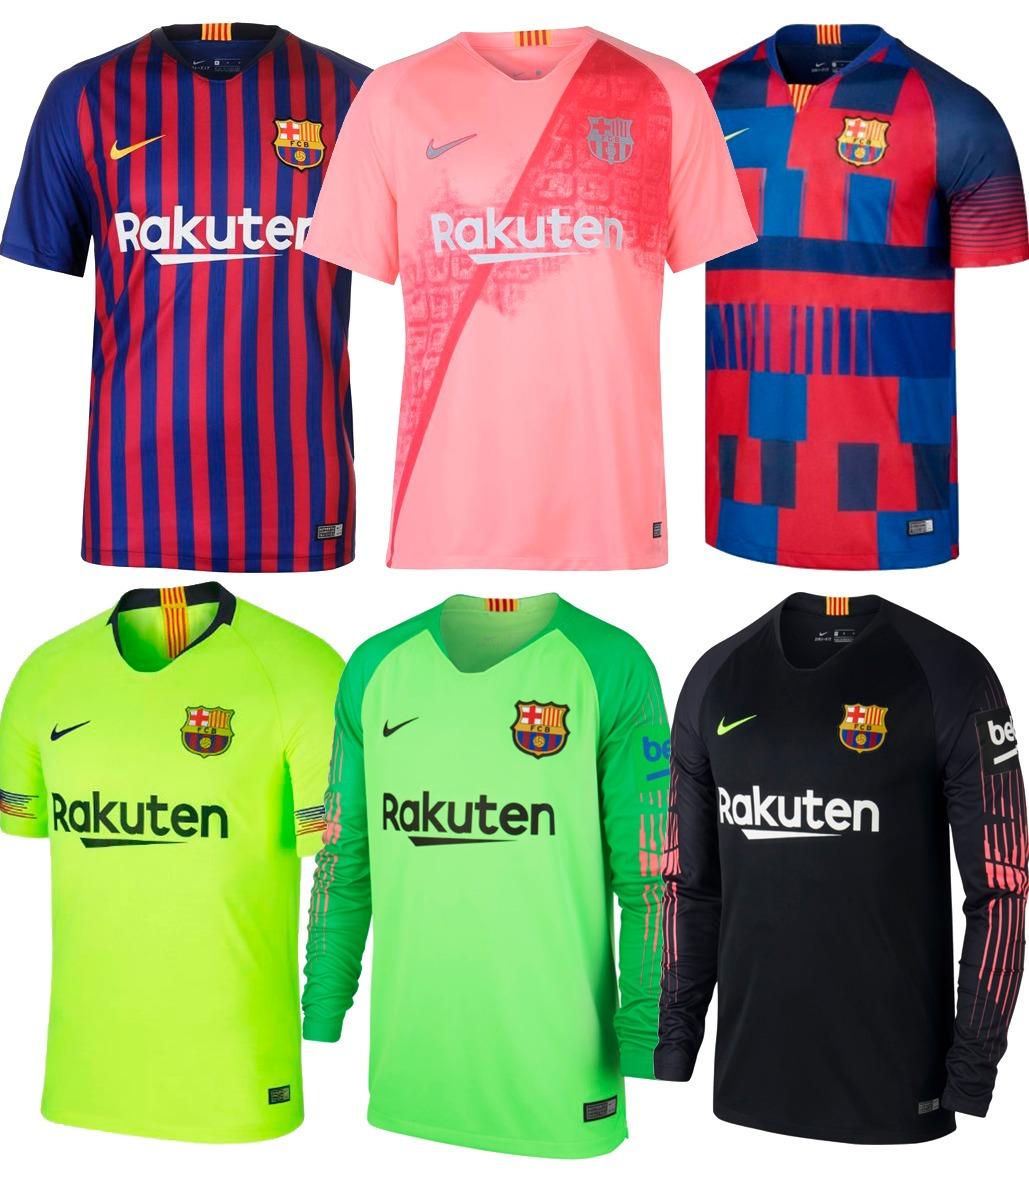 5dbab4e9e jersey barcelona fc local visita portero 2019 envio gratis. Cargando zoom.